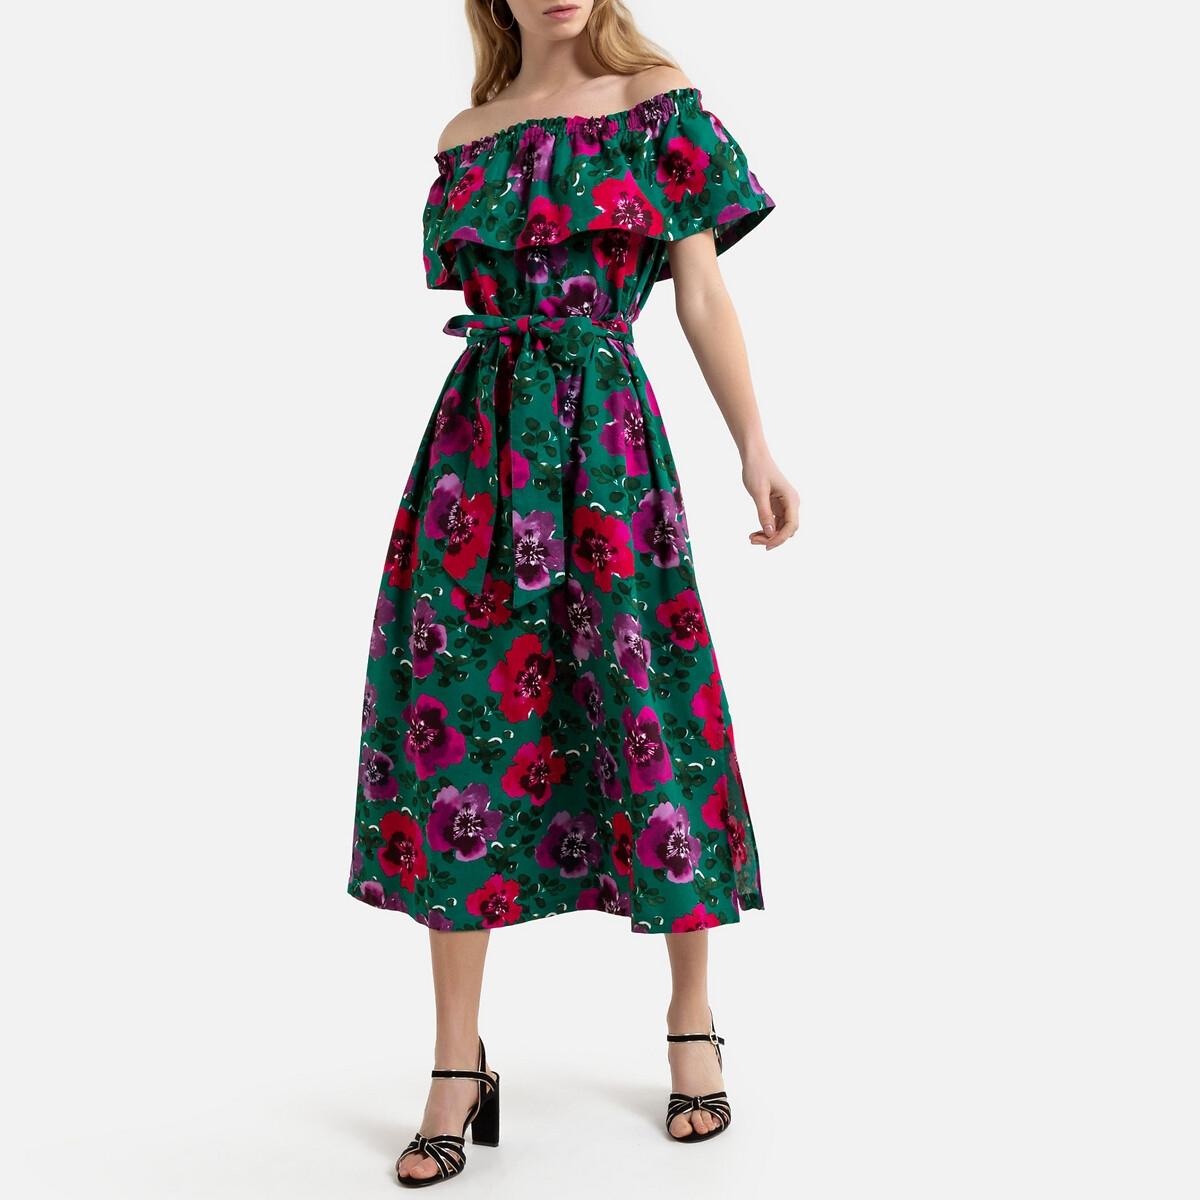 Платье La Redoute Длинное без рукавов с воланом цветочный принт 42 (FR) - 48 (RUS) зеленый платье la redoute длинное без рукавов с застежкой на пуговицы спереди 42 fr 48 rus зеленый